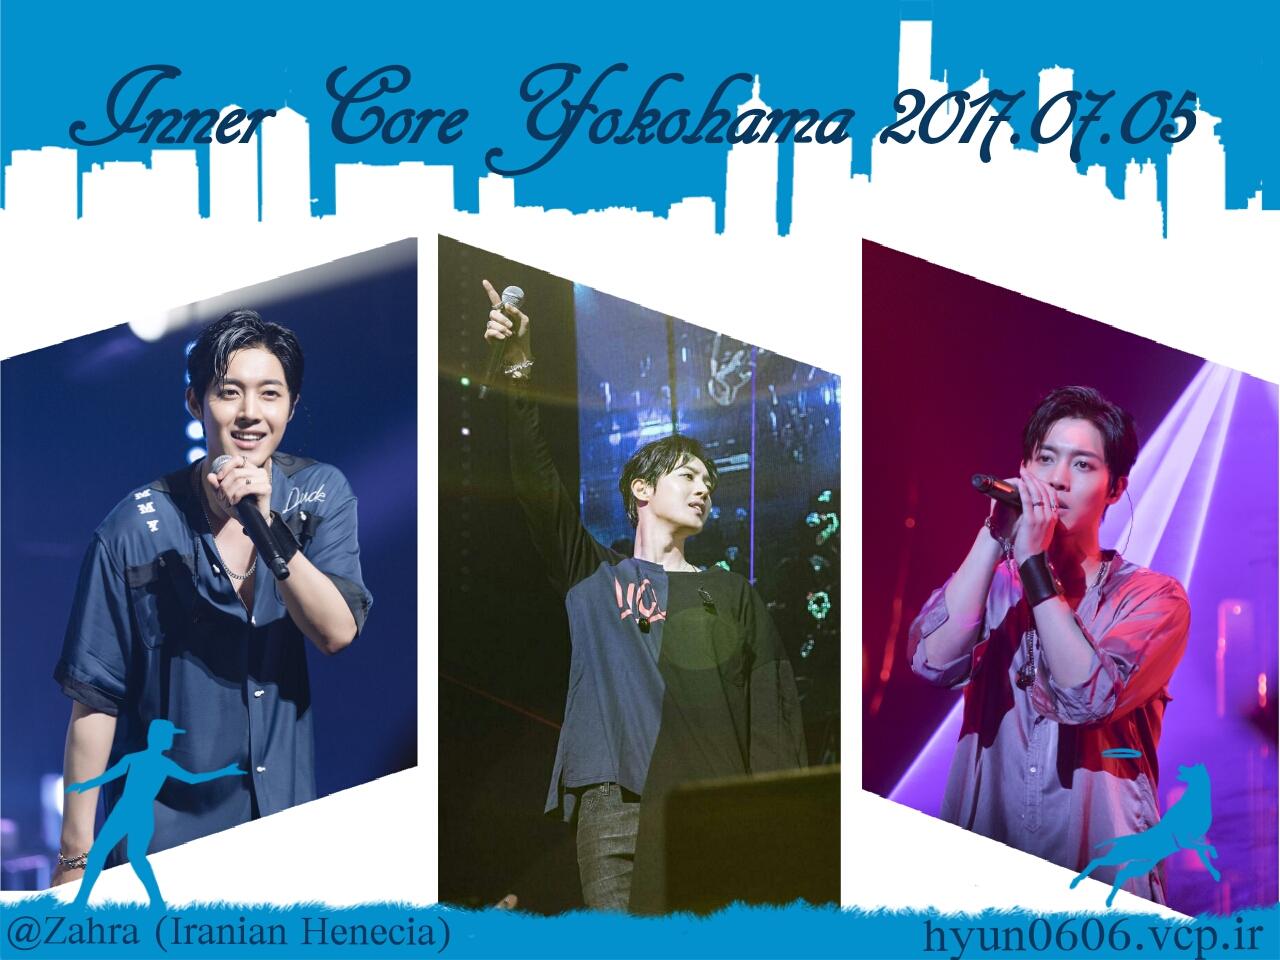 KHJ Inner Core Yokohama 2017.07.05